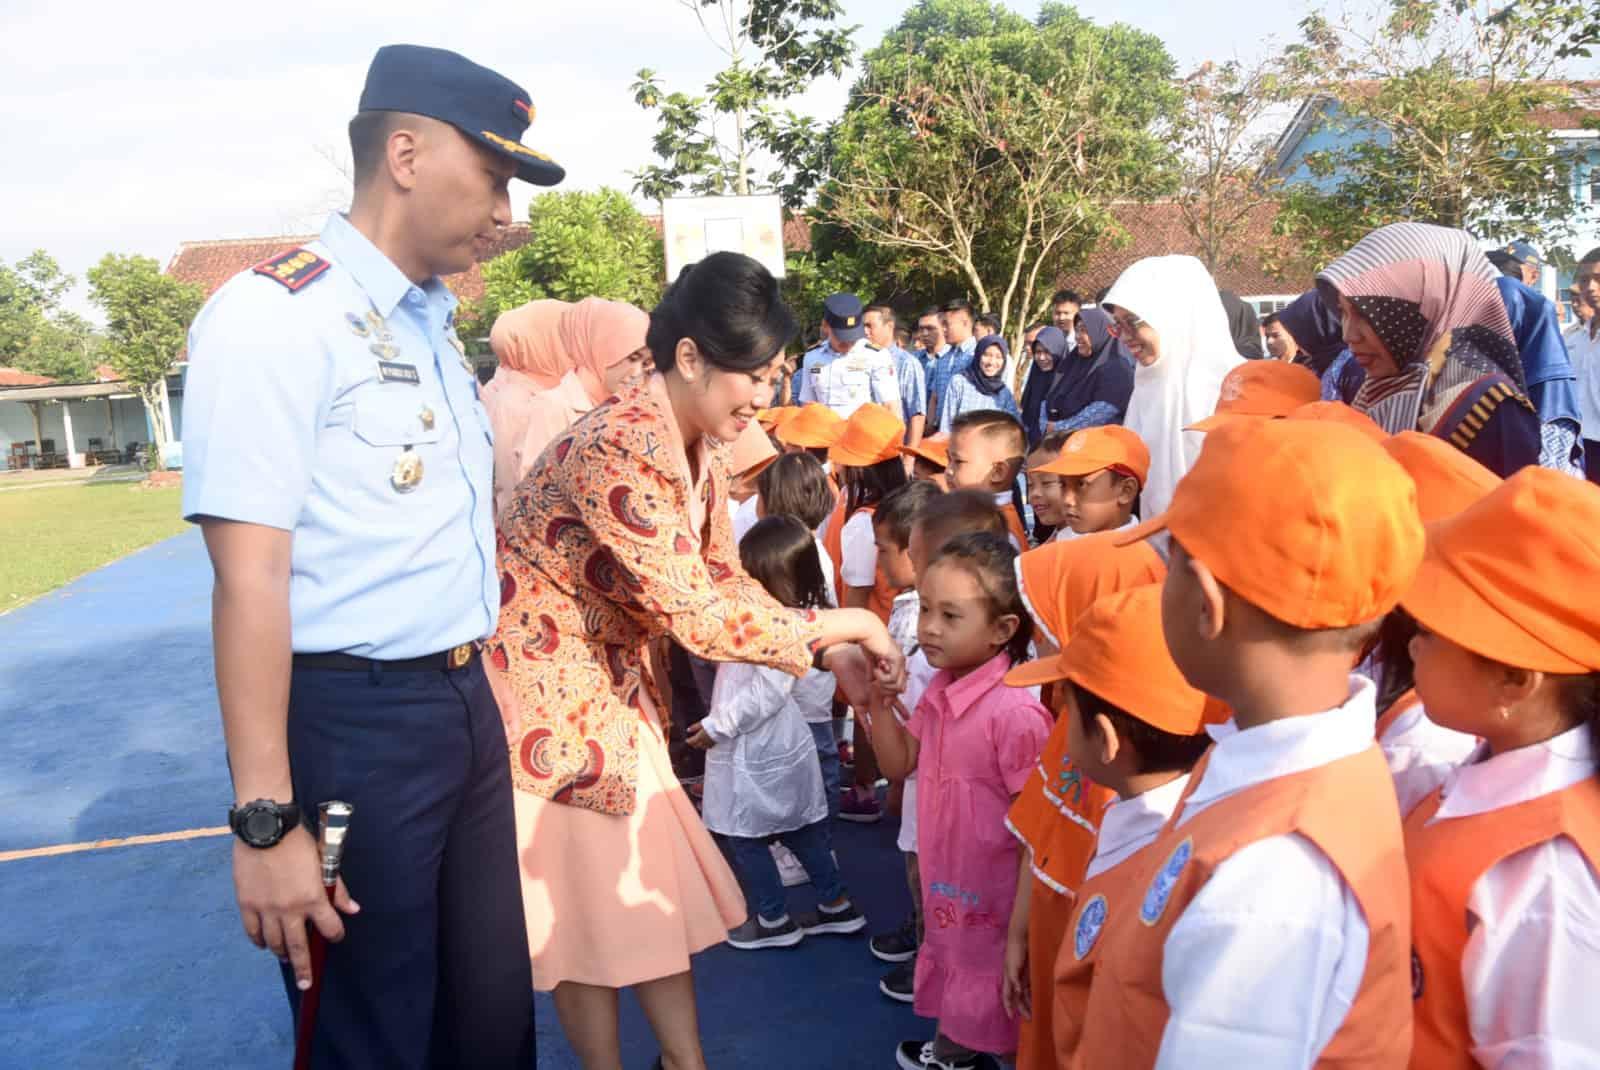 Komandan Lanud Wiriadinata Pimpin Upacara Pembukaan Peserta Didik Baru Sekolah Angkasa